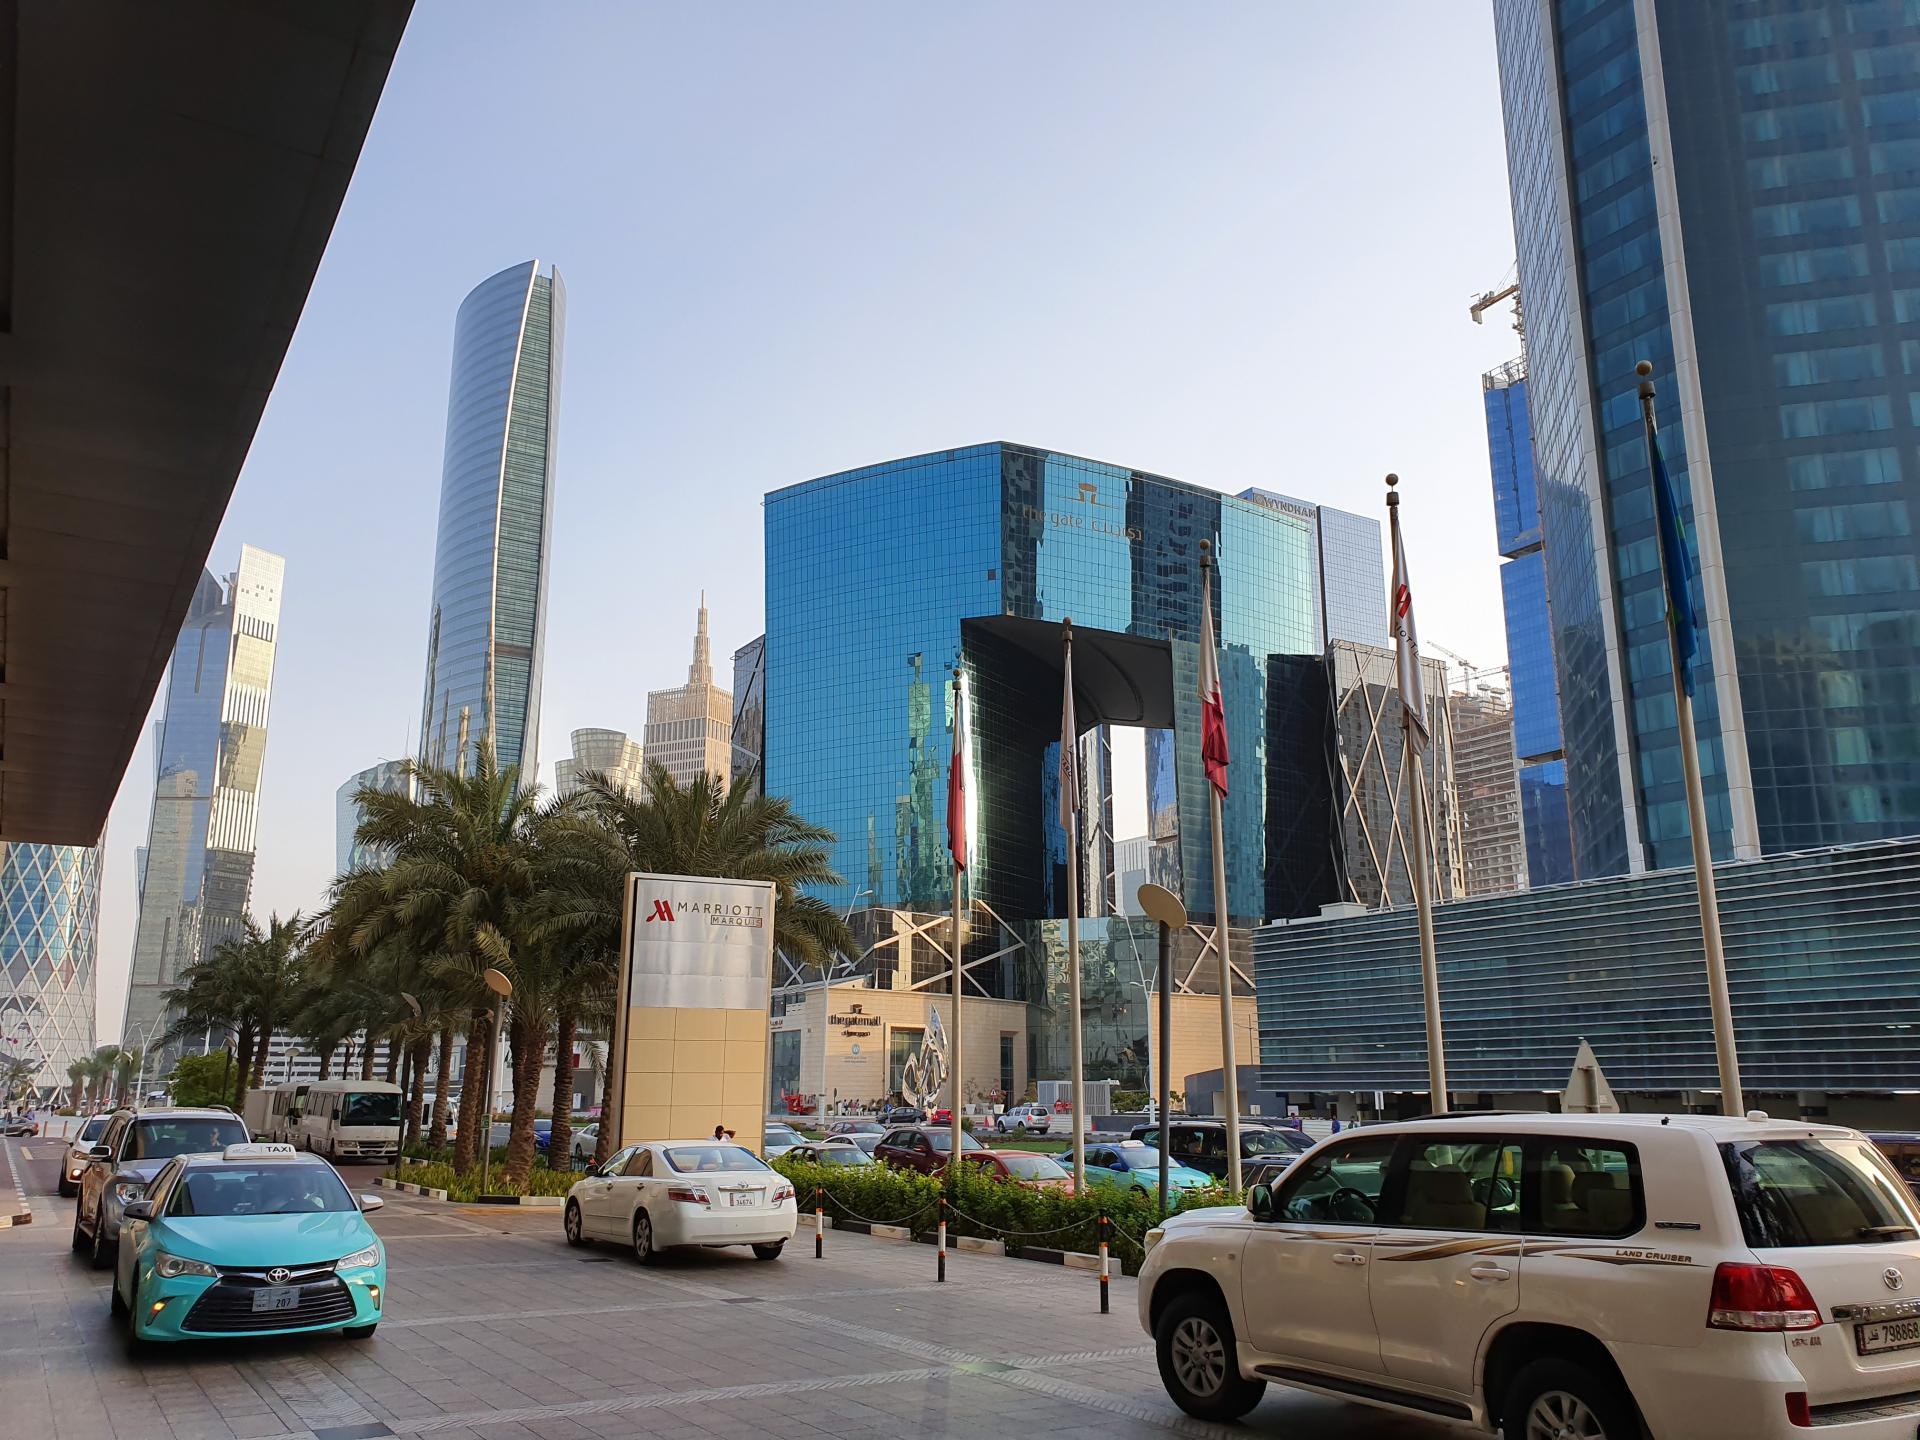 остановка машин перед отелем Мариотт в Дохе